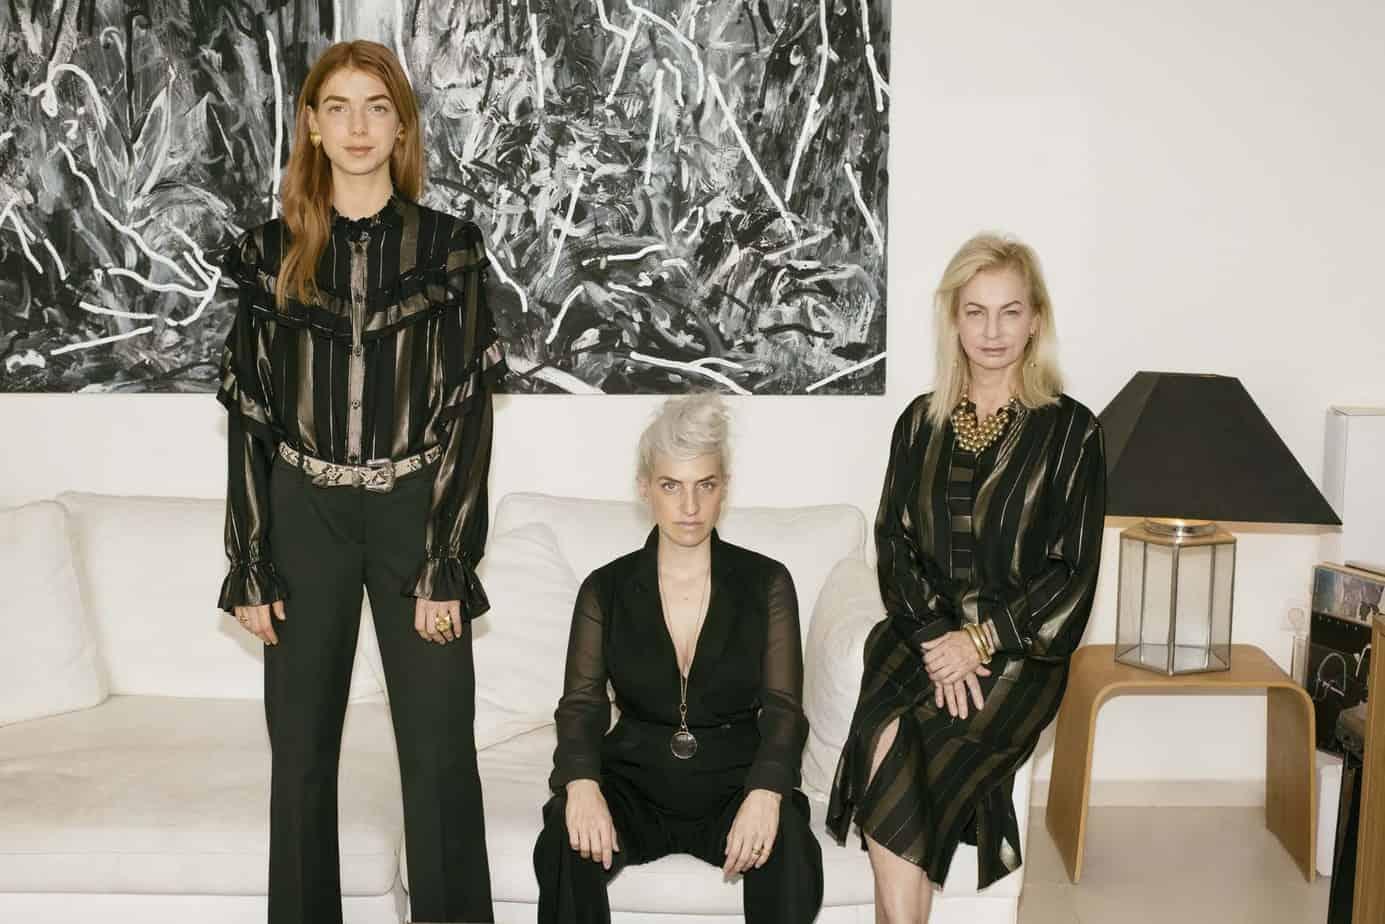 בית האופנה מאיה נגרי צילום עומרי שפירא (10) מחיר גלביה 1390 שקלים, מחיר ...